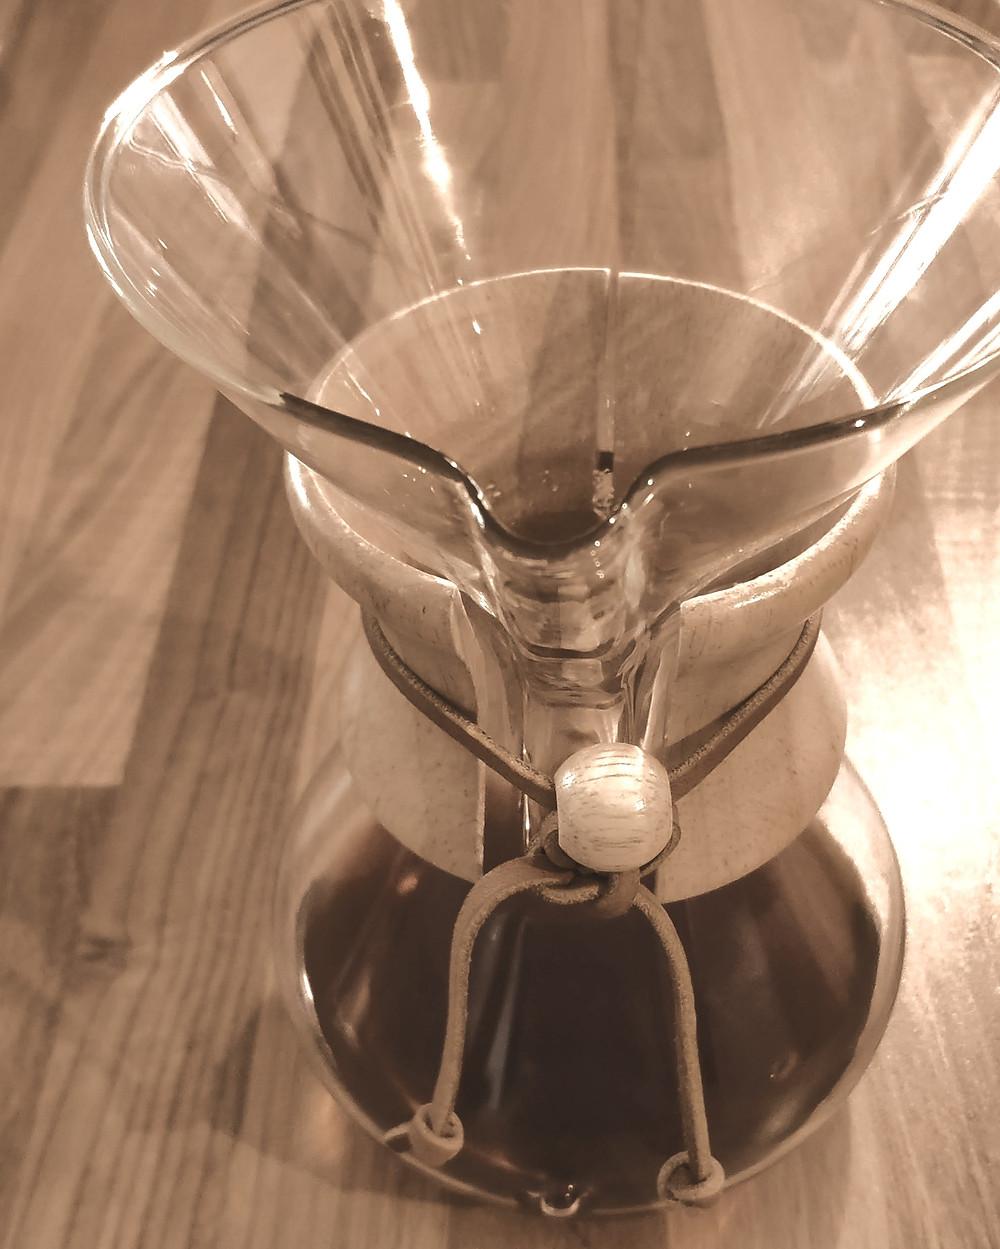 dégustez votre café préparé avec la Chemex